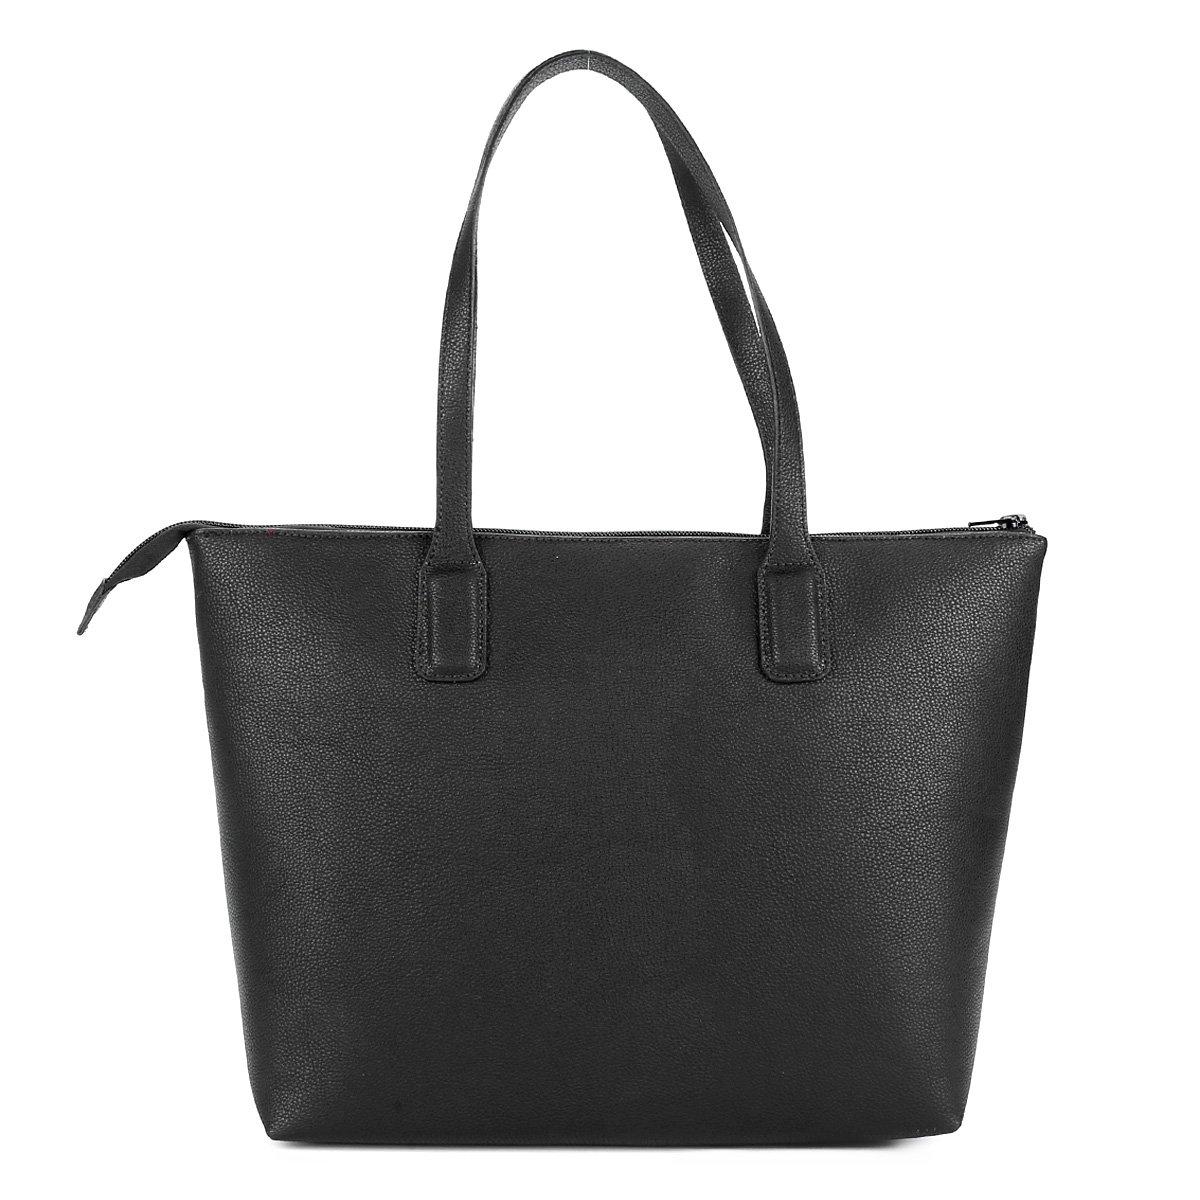 aec128524 Bolsa Loucos & Santos Shopper Soft Floter Feminina - Compre Agora ...